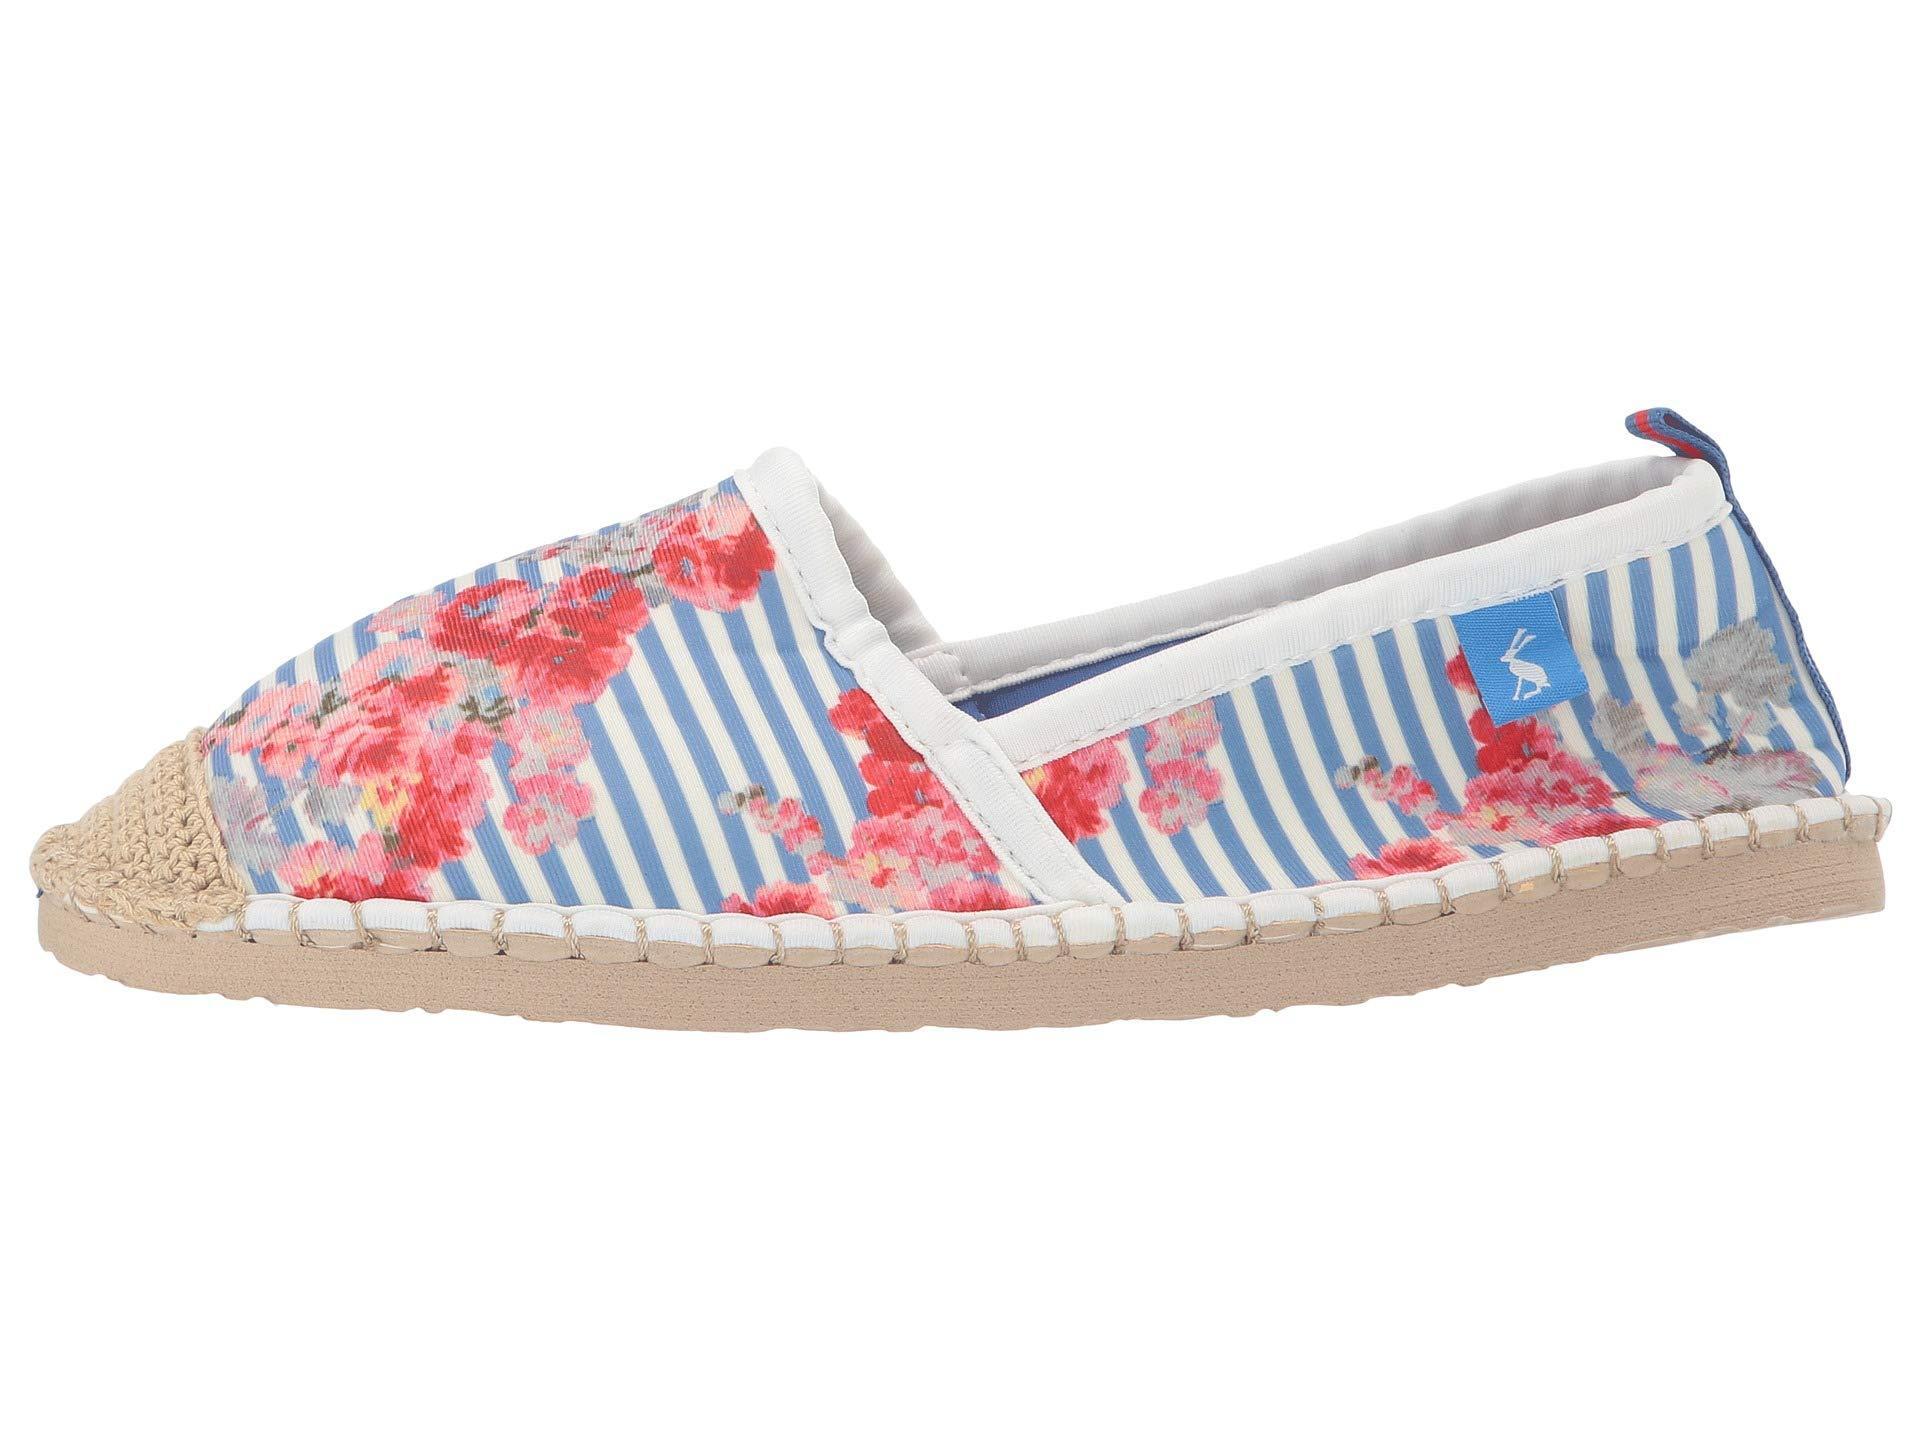 Joules OCEAN FLIPADRILLE Ladies Womens Neoprene Beach Shoes Blue Floral Stripe